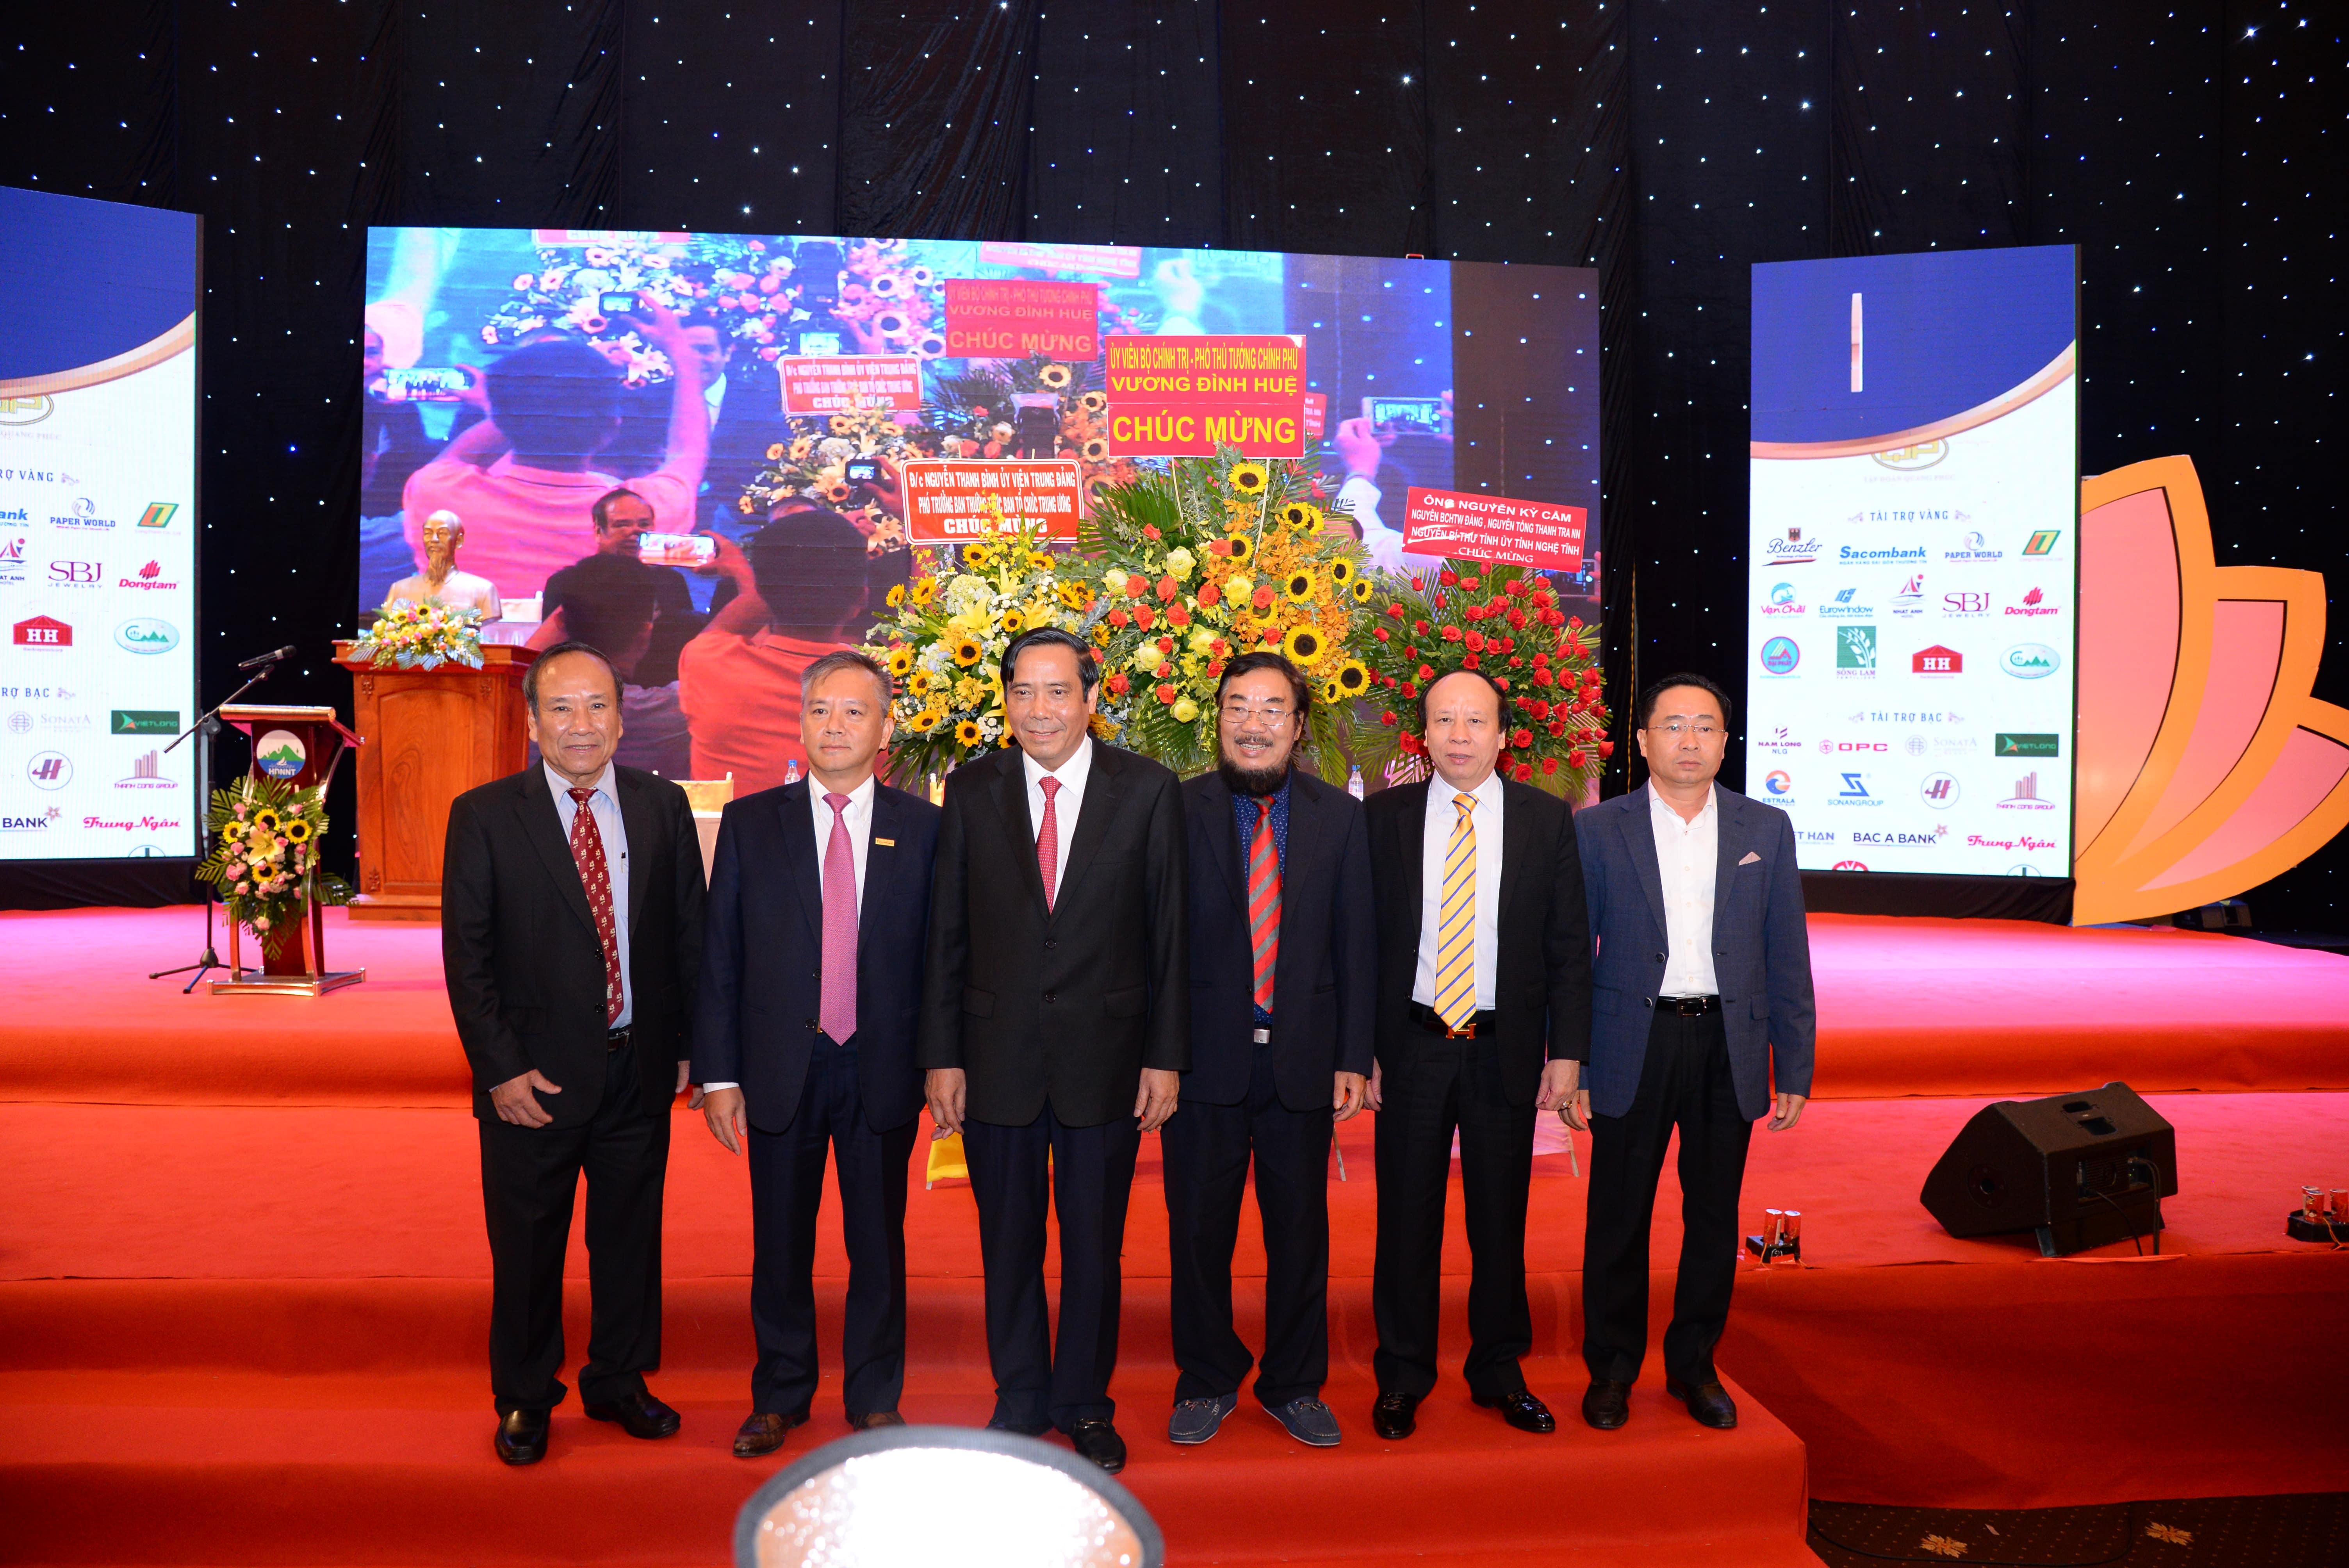 Ông Nguyễn Thanh Bình - Ủy viên BCH Trung ương Đảng, Phó Trưởng Ban Thường trực Ban Tổ chức Trung ương tại đại hội